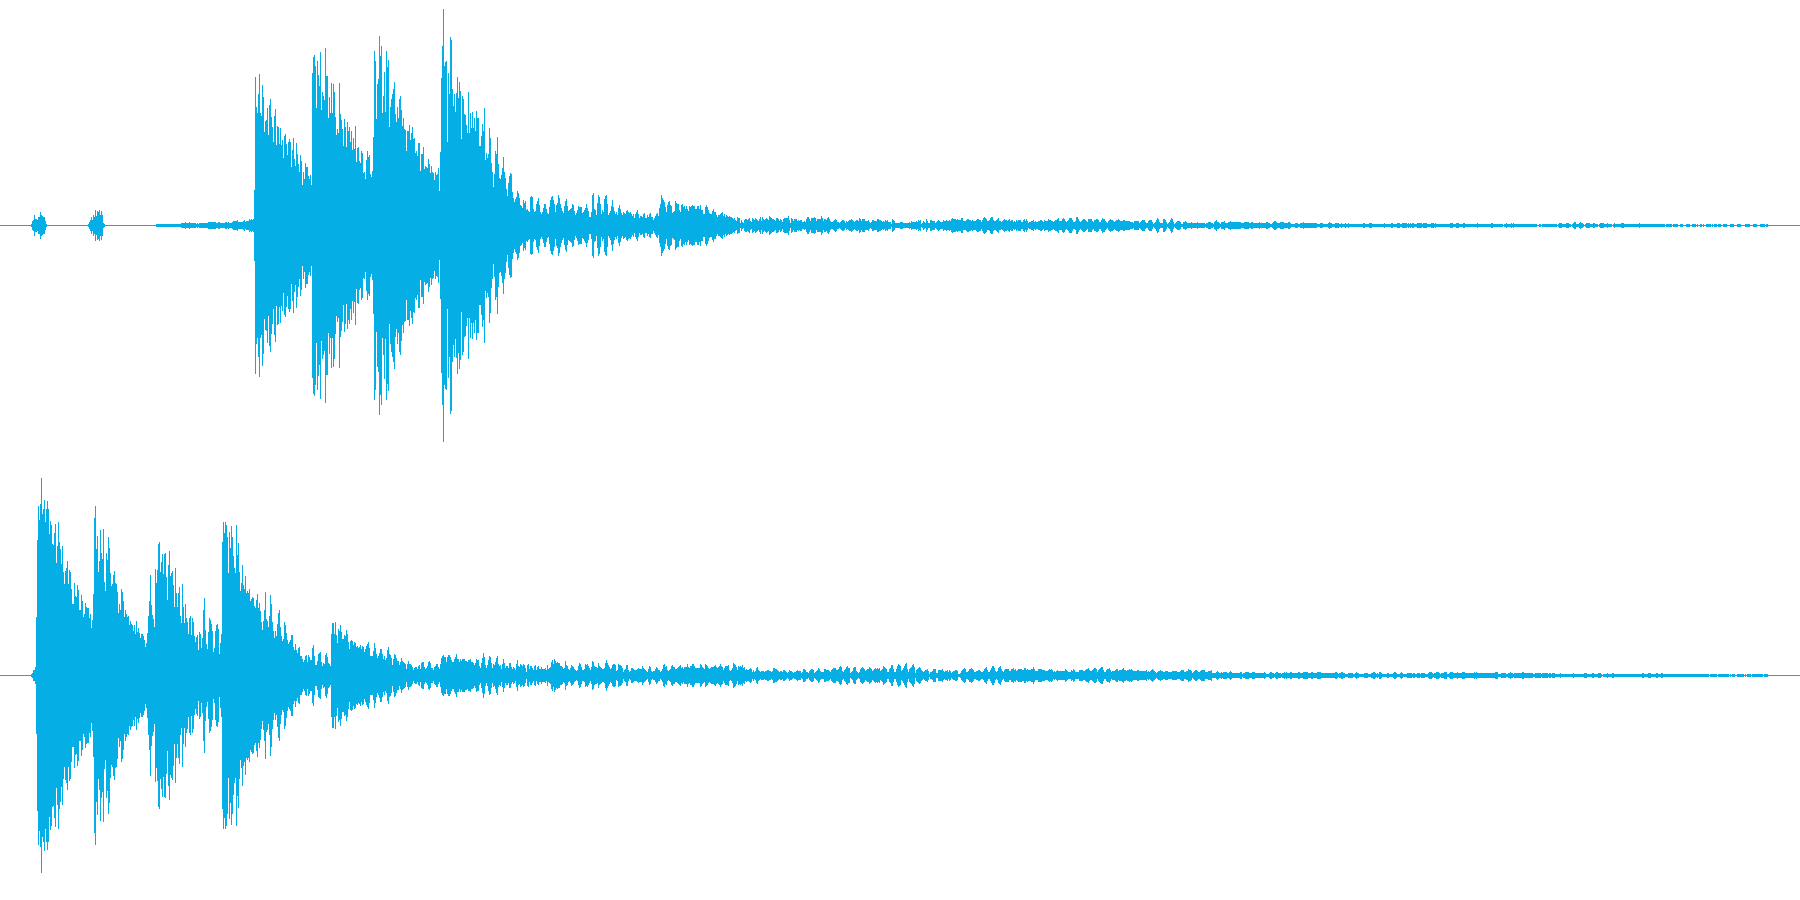 ポロ、ポロン(電子音)の再生済みの波形